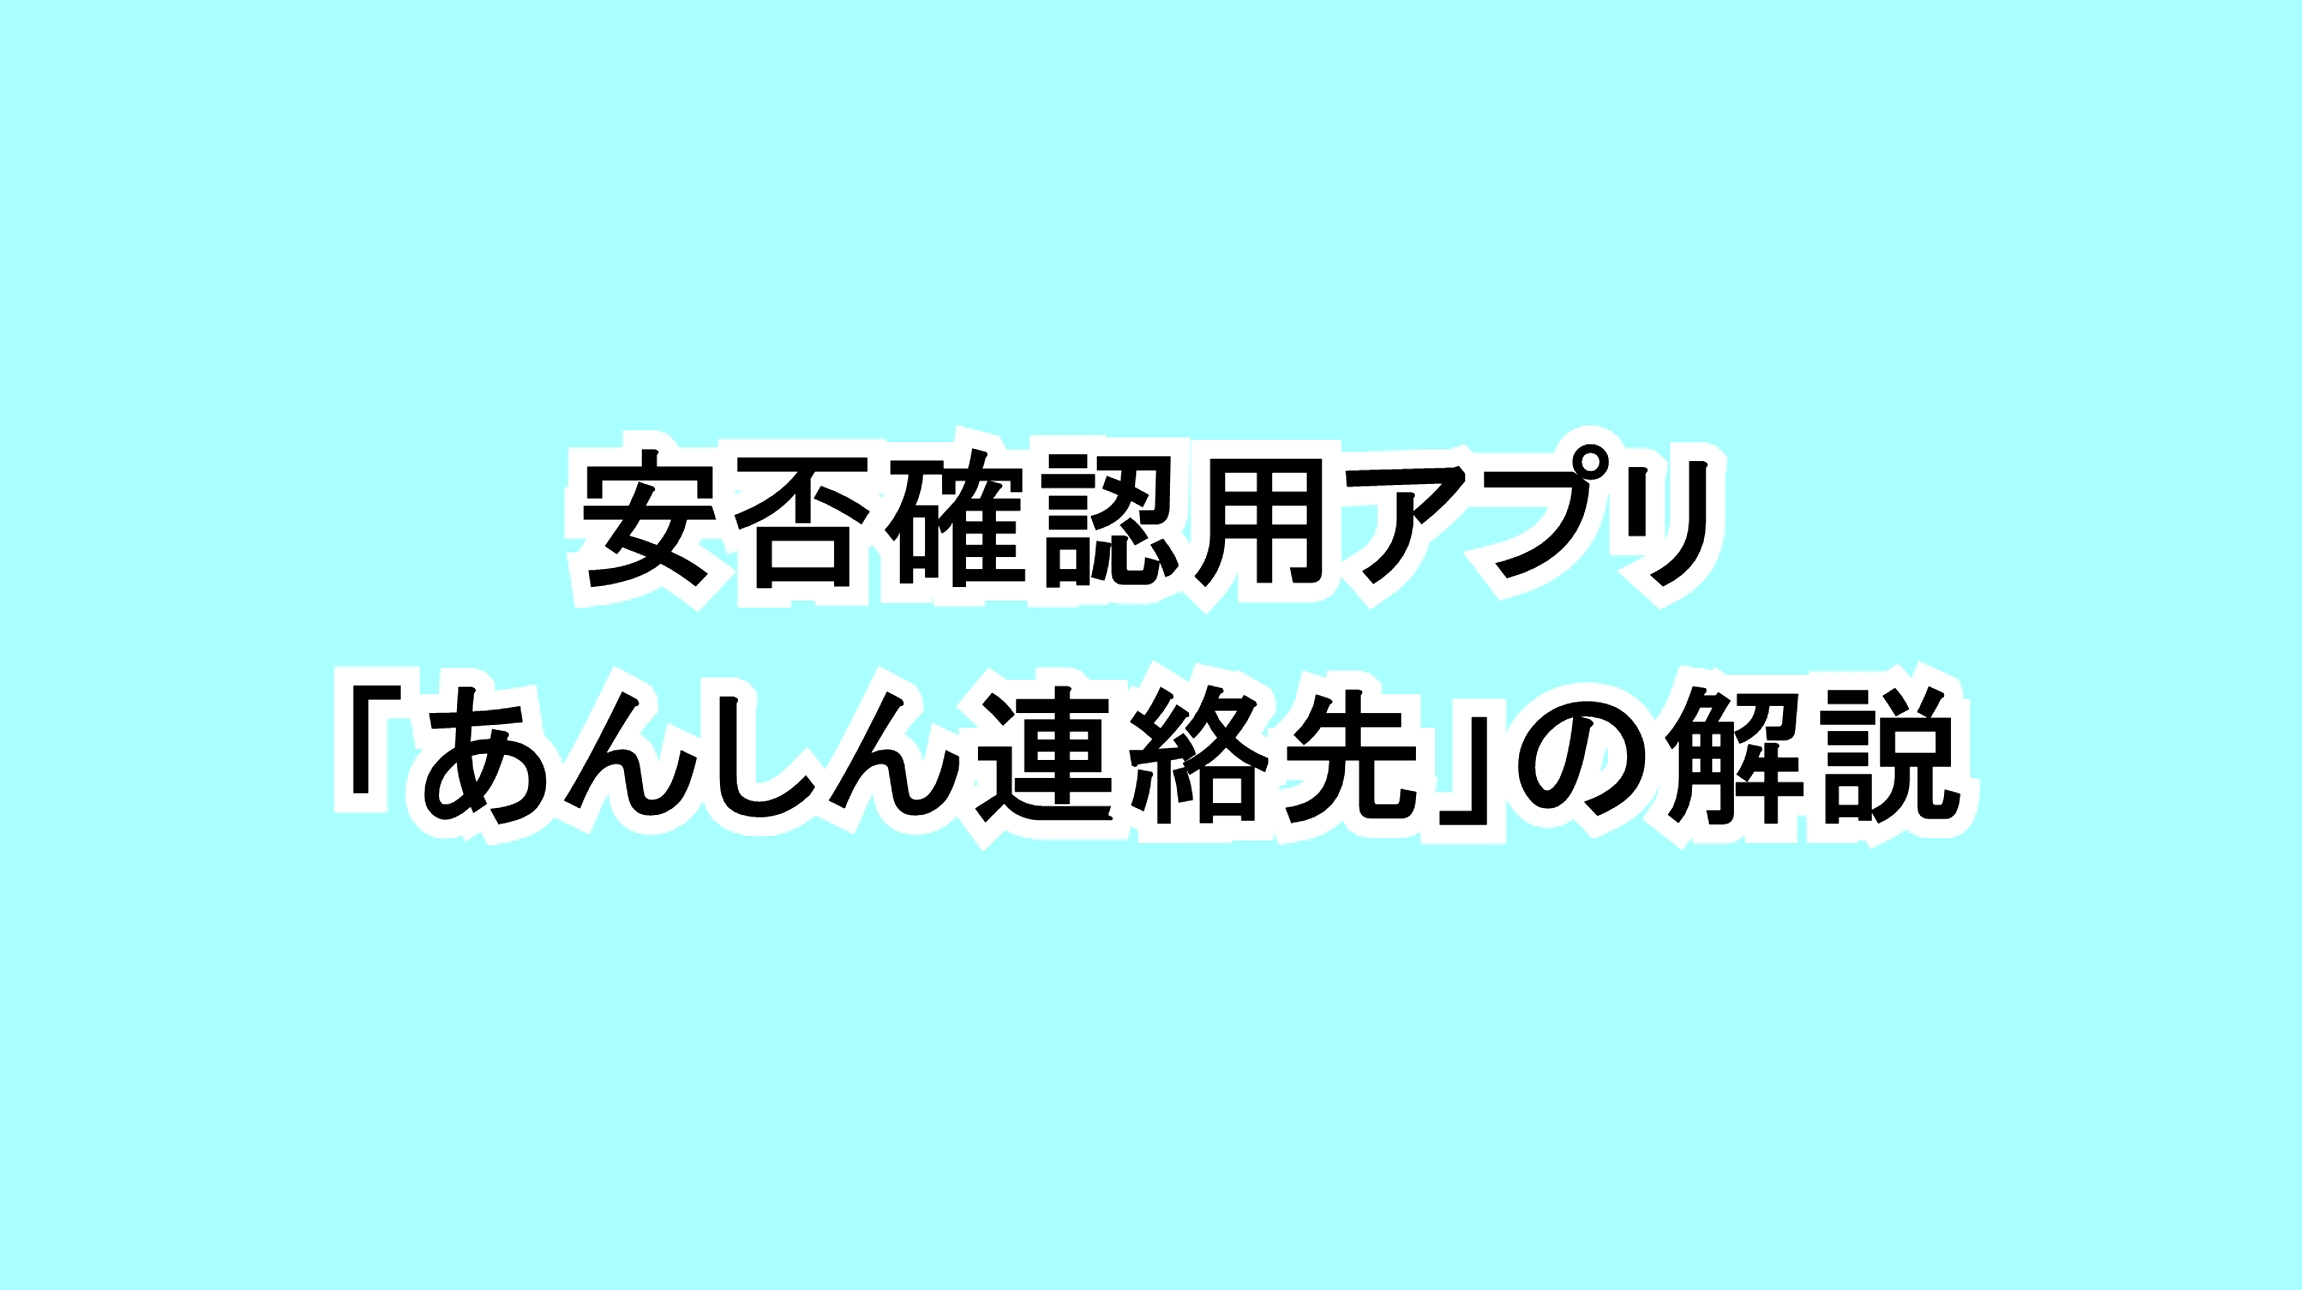 安否確認用アプリ「あんしん連絡先」の解説